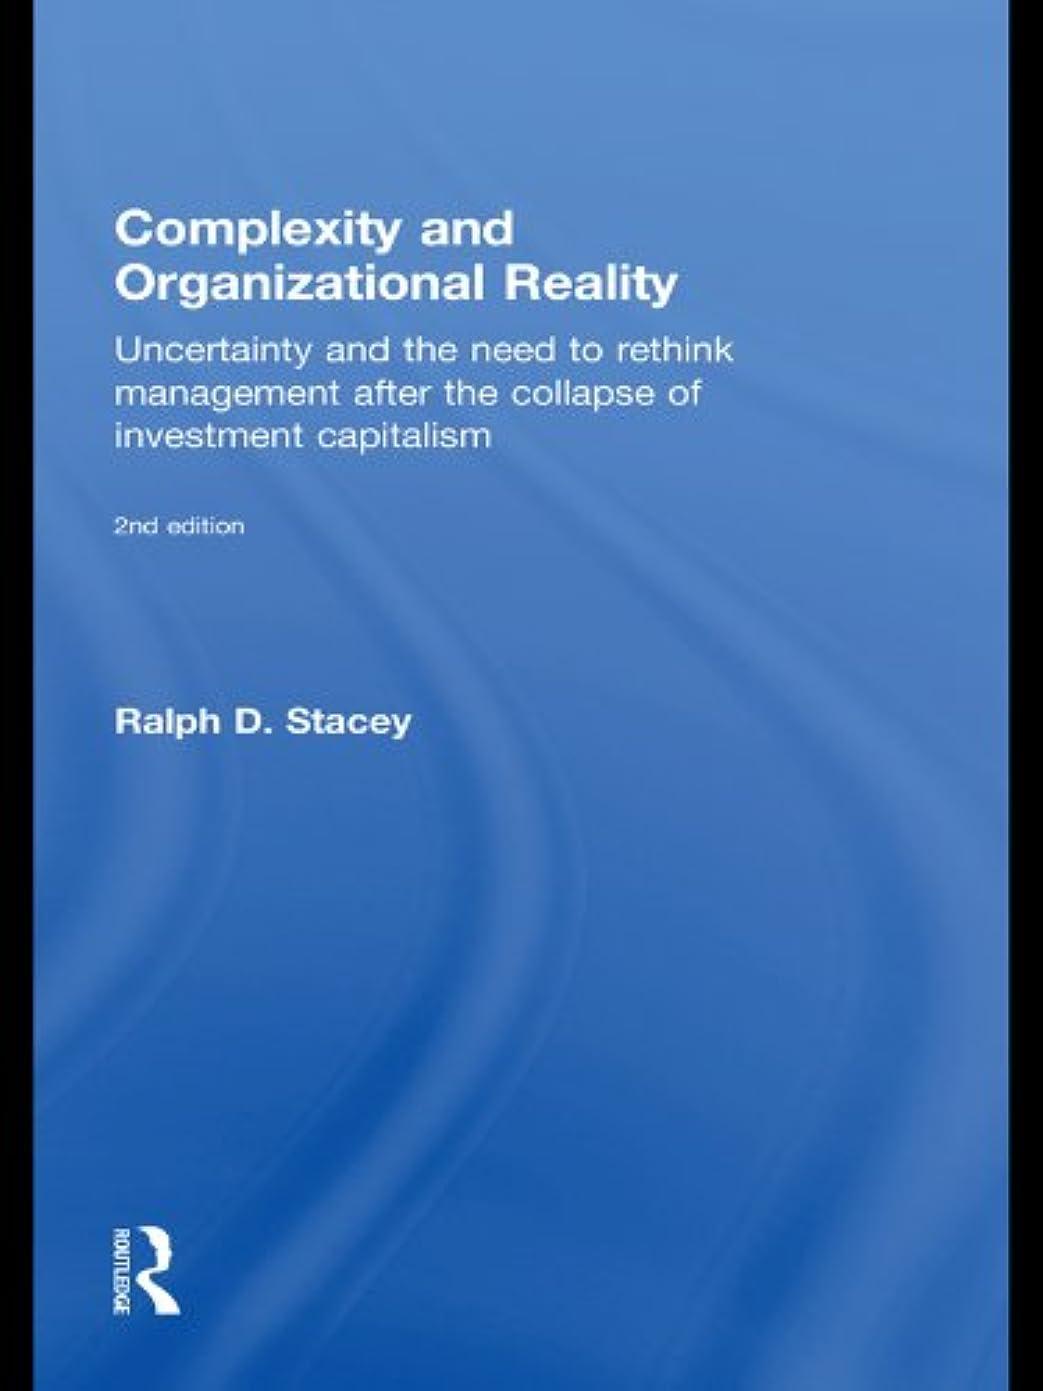 最初に光沢発送Complexity and Organizational Reality: Uncertainty and the Need to Rethink Management after the Collapse of Investment Capitalism (English Edition)